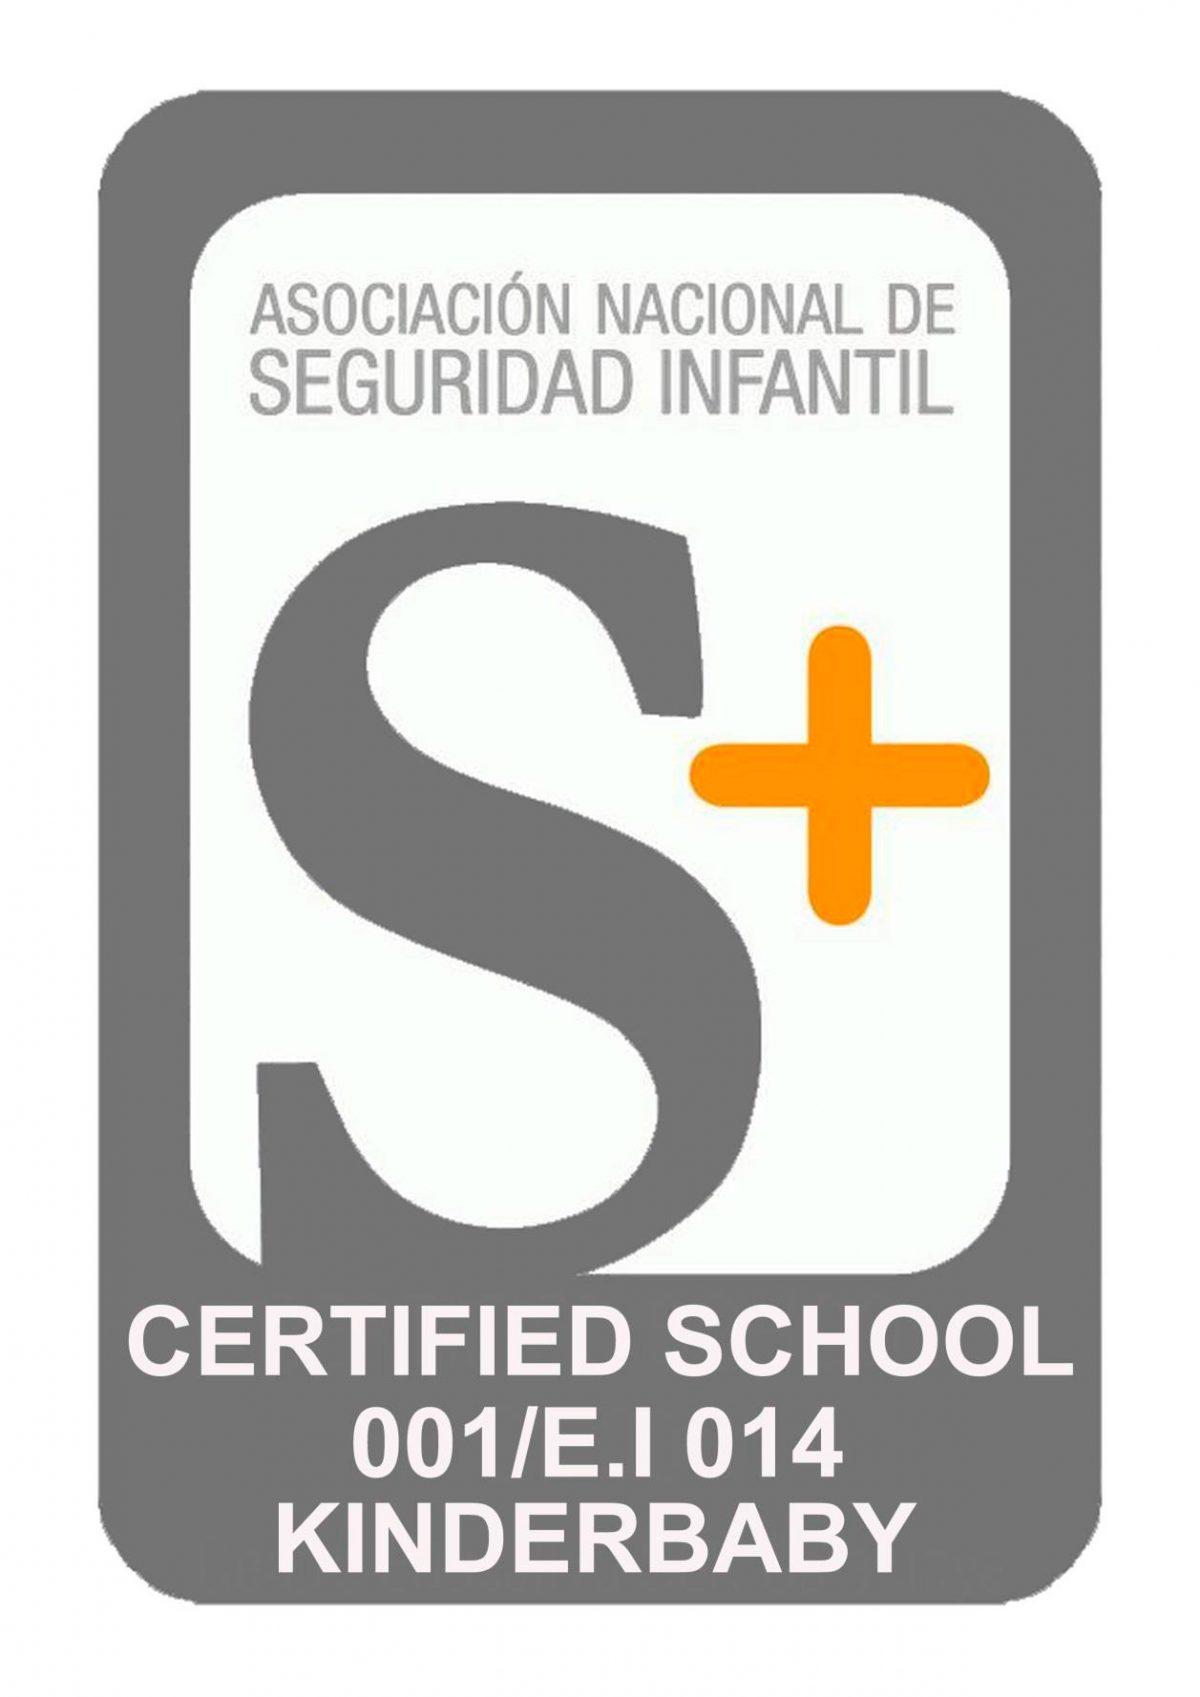 Certified Schoo